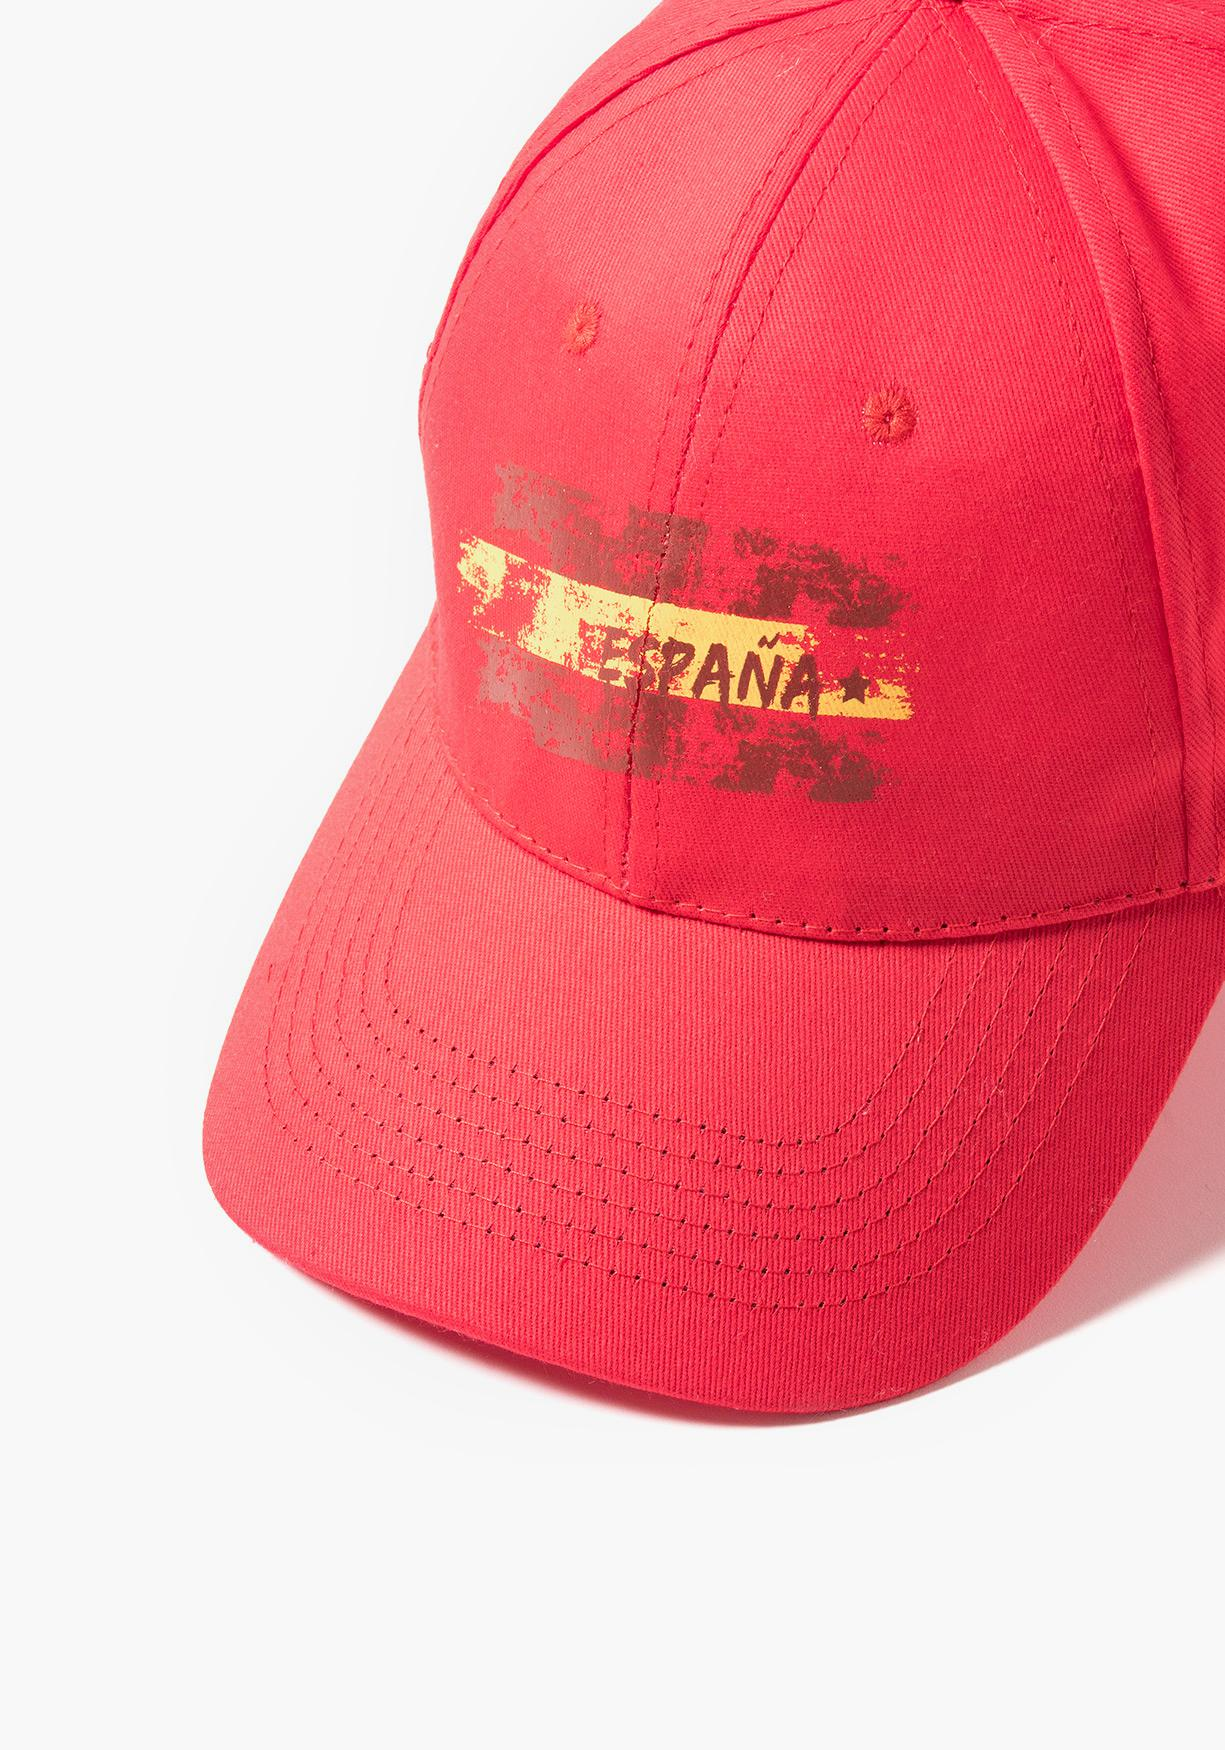 b5013cf35b882 Comprar Gorra de España. ¡Aprovéchate de nuestros precios y ...